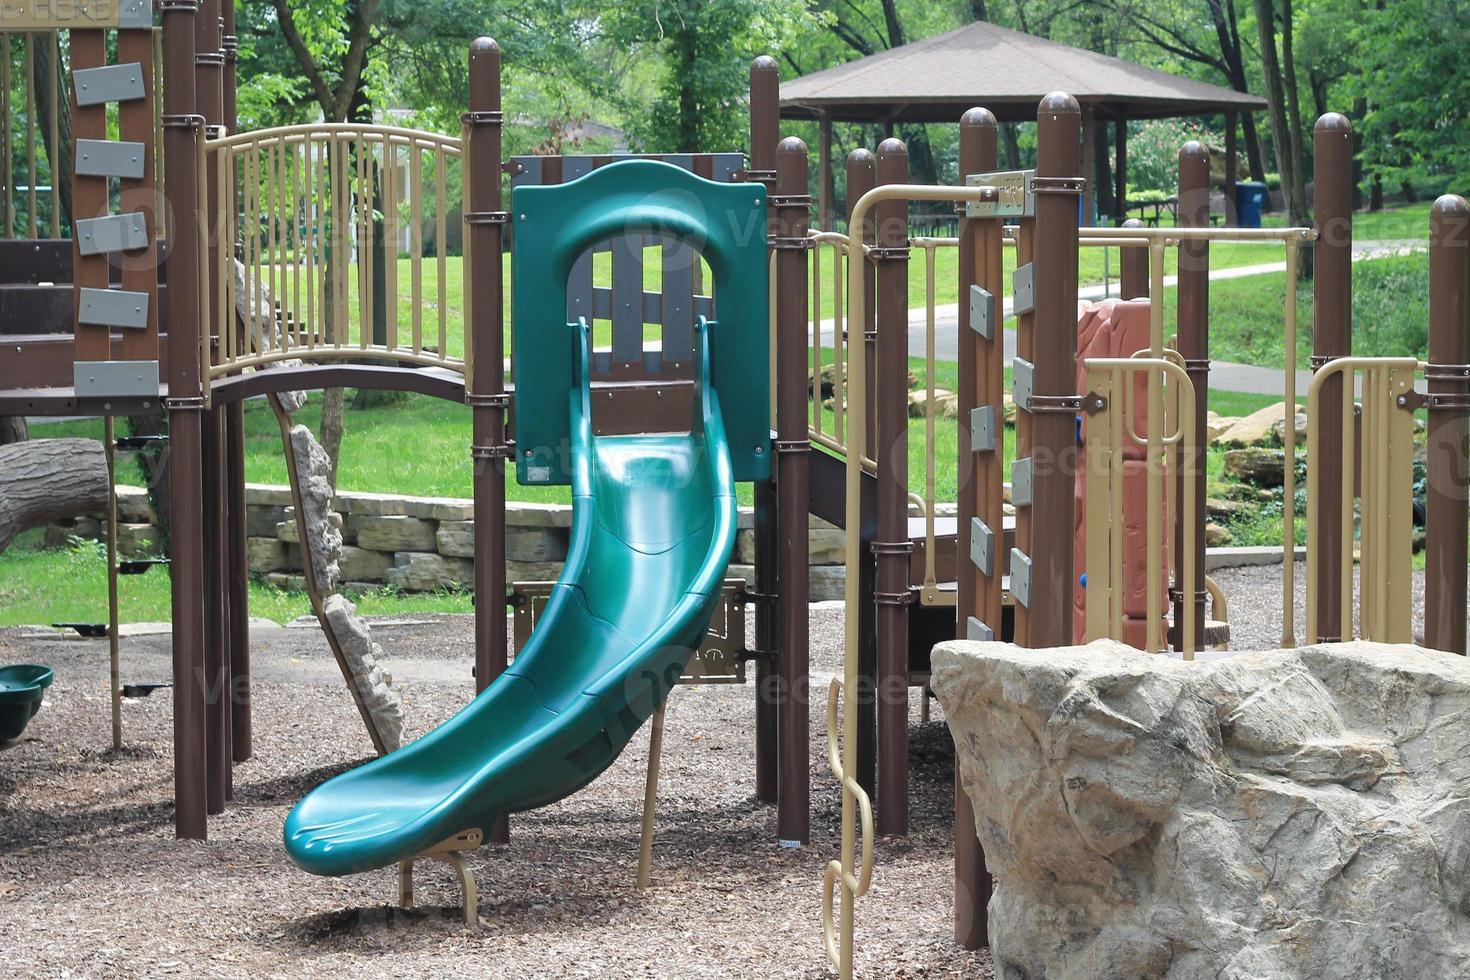 playground infantil com cobertura morta e escorregador verde foto